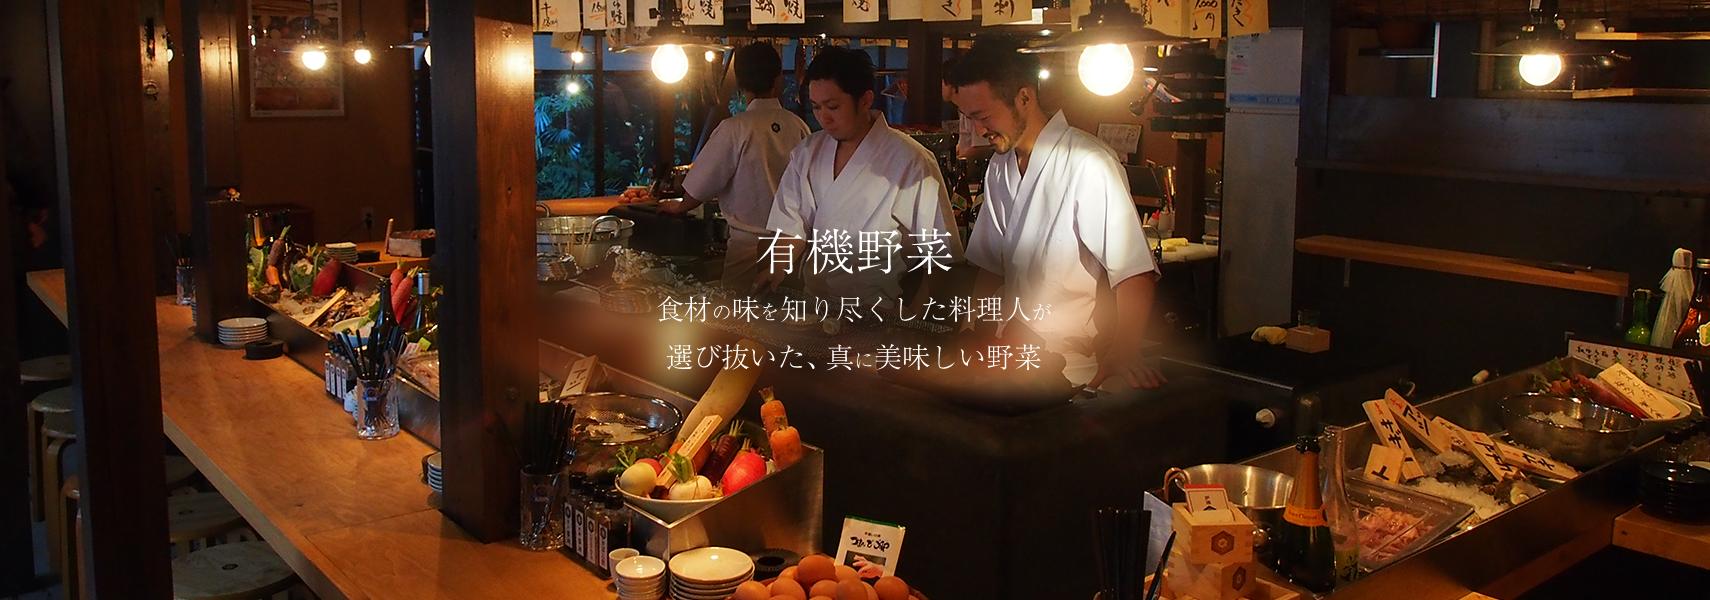 有機野菜 食材の味を知り尽くした料理人が選び抜いた、真に美味しい野菜